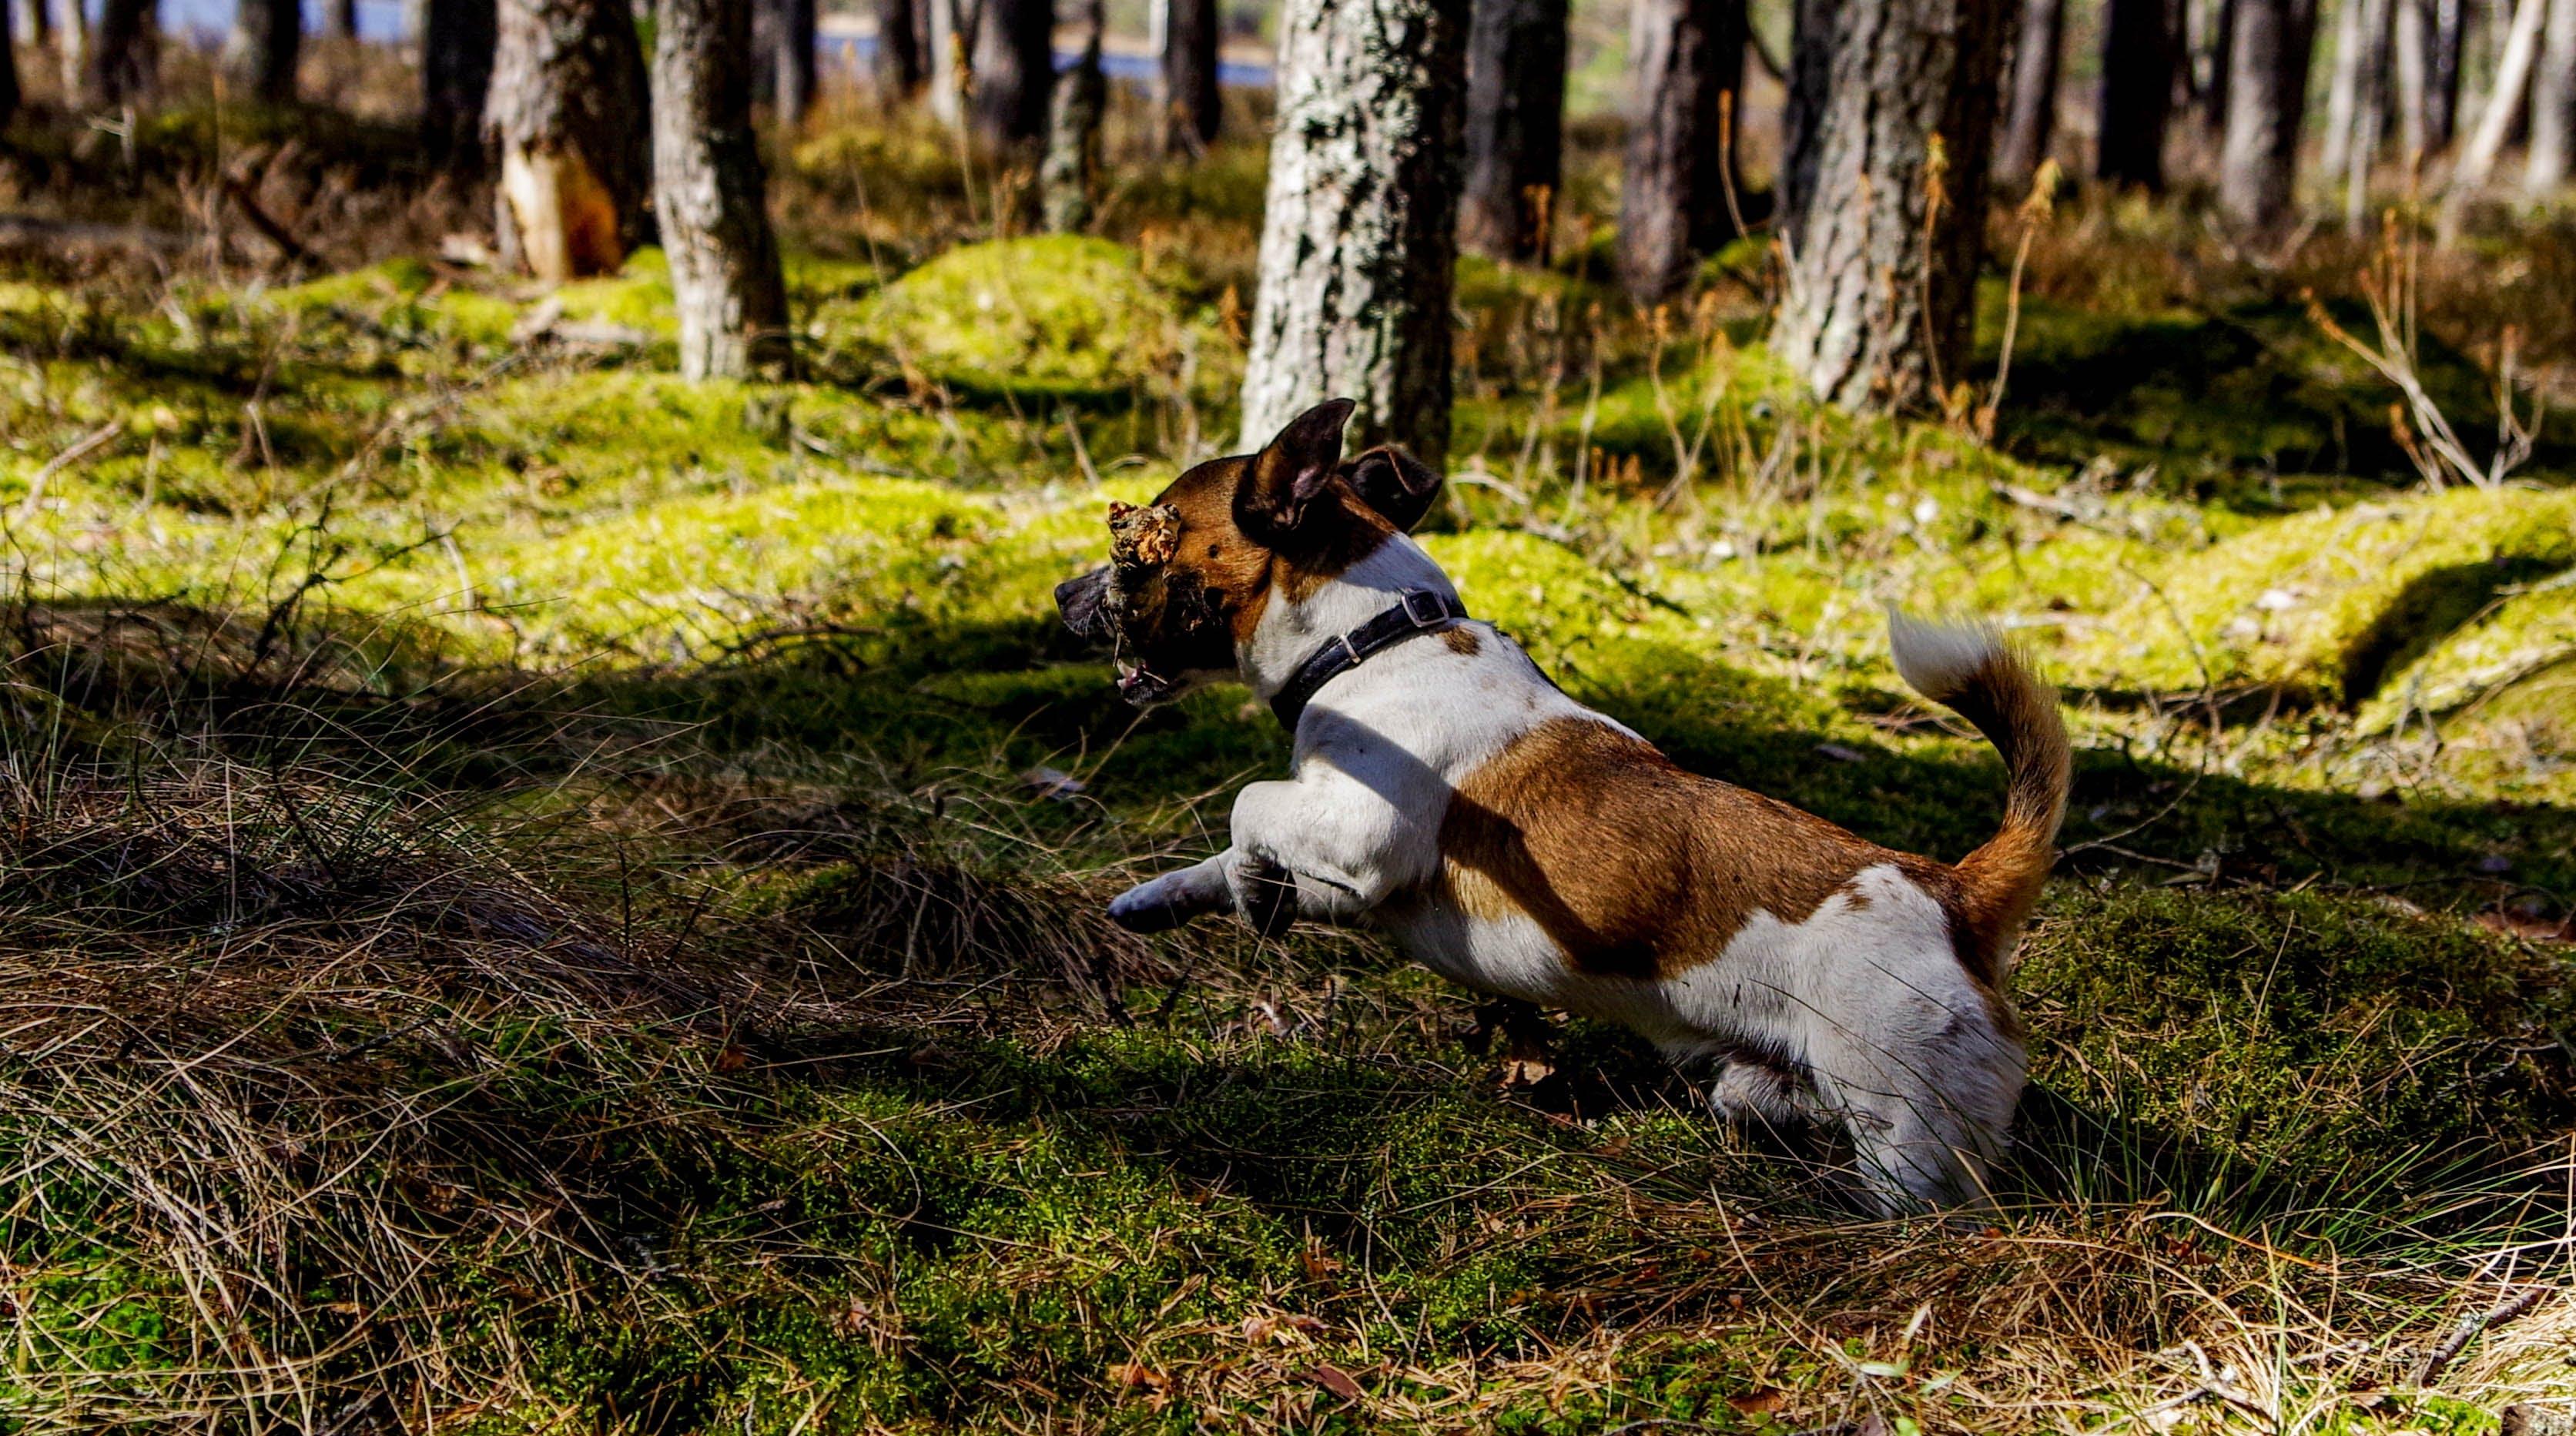 Medium Short-coated Tan and White Dog